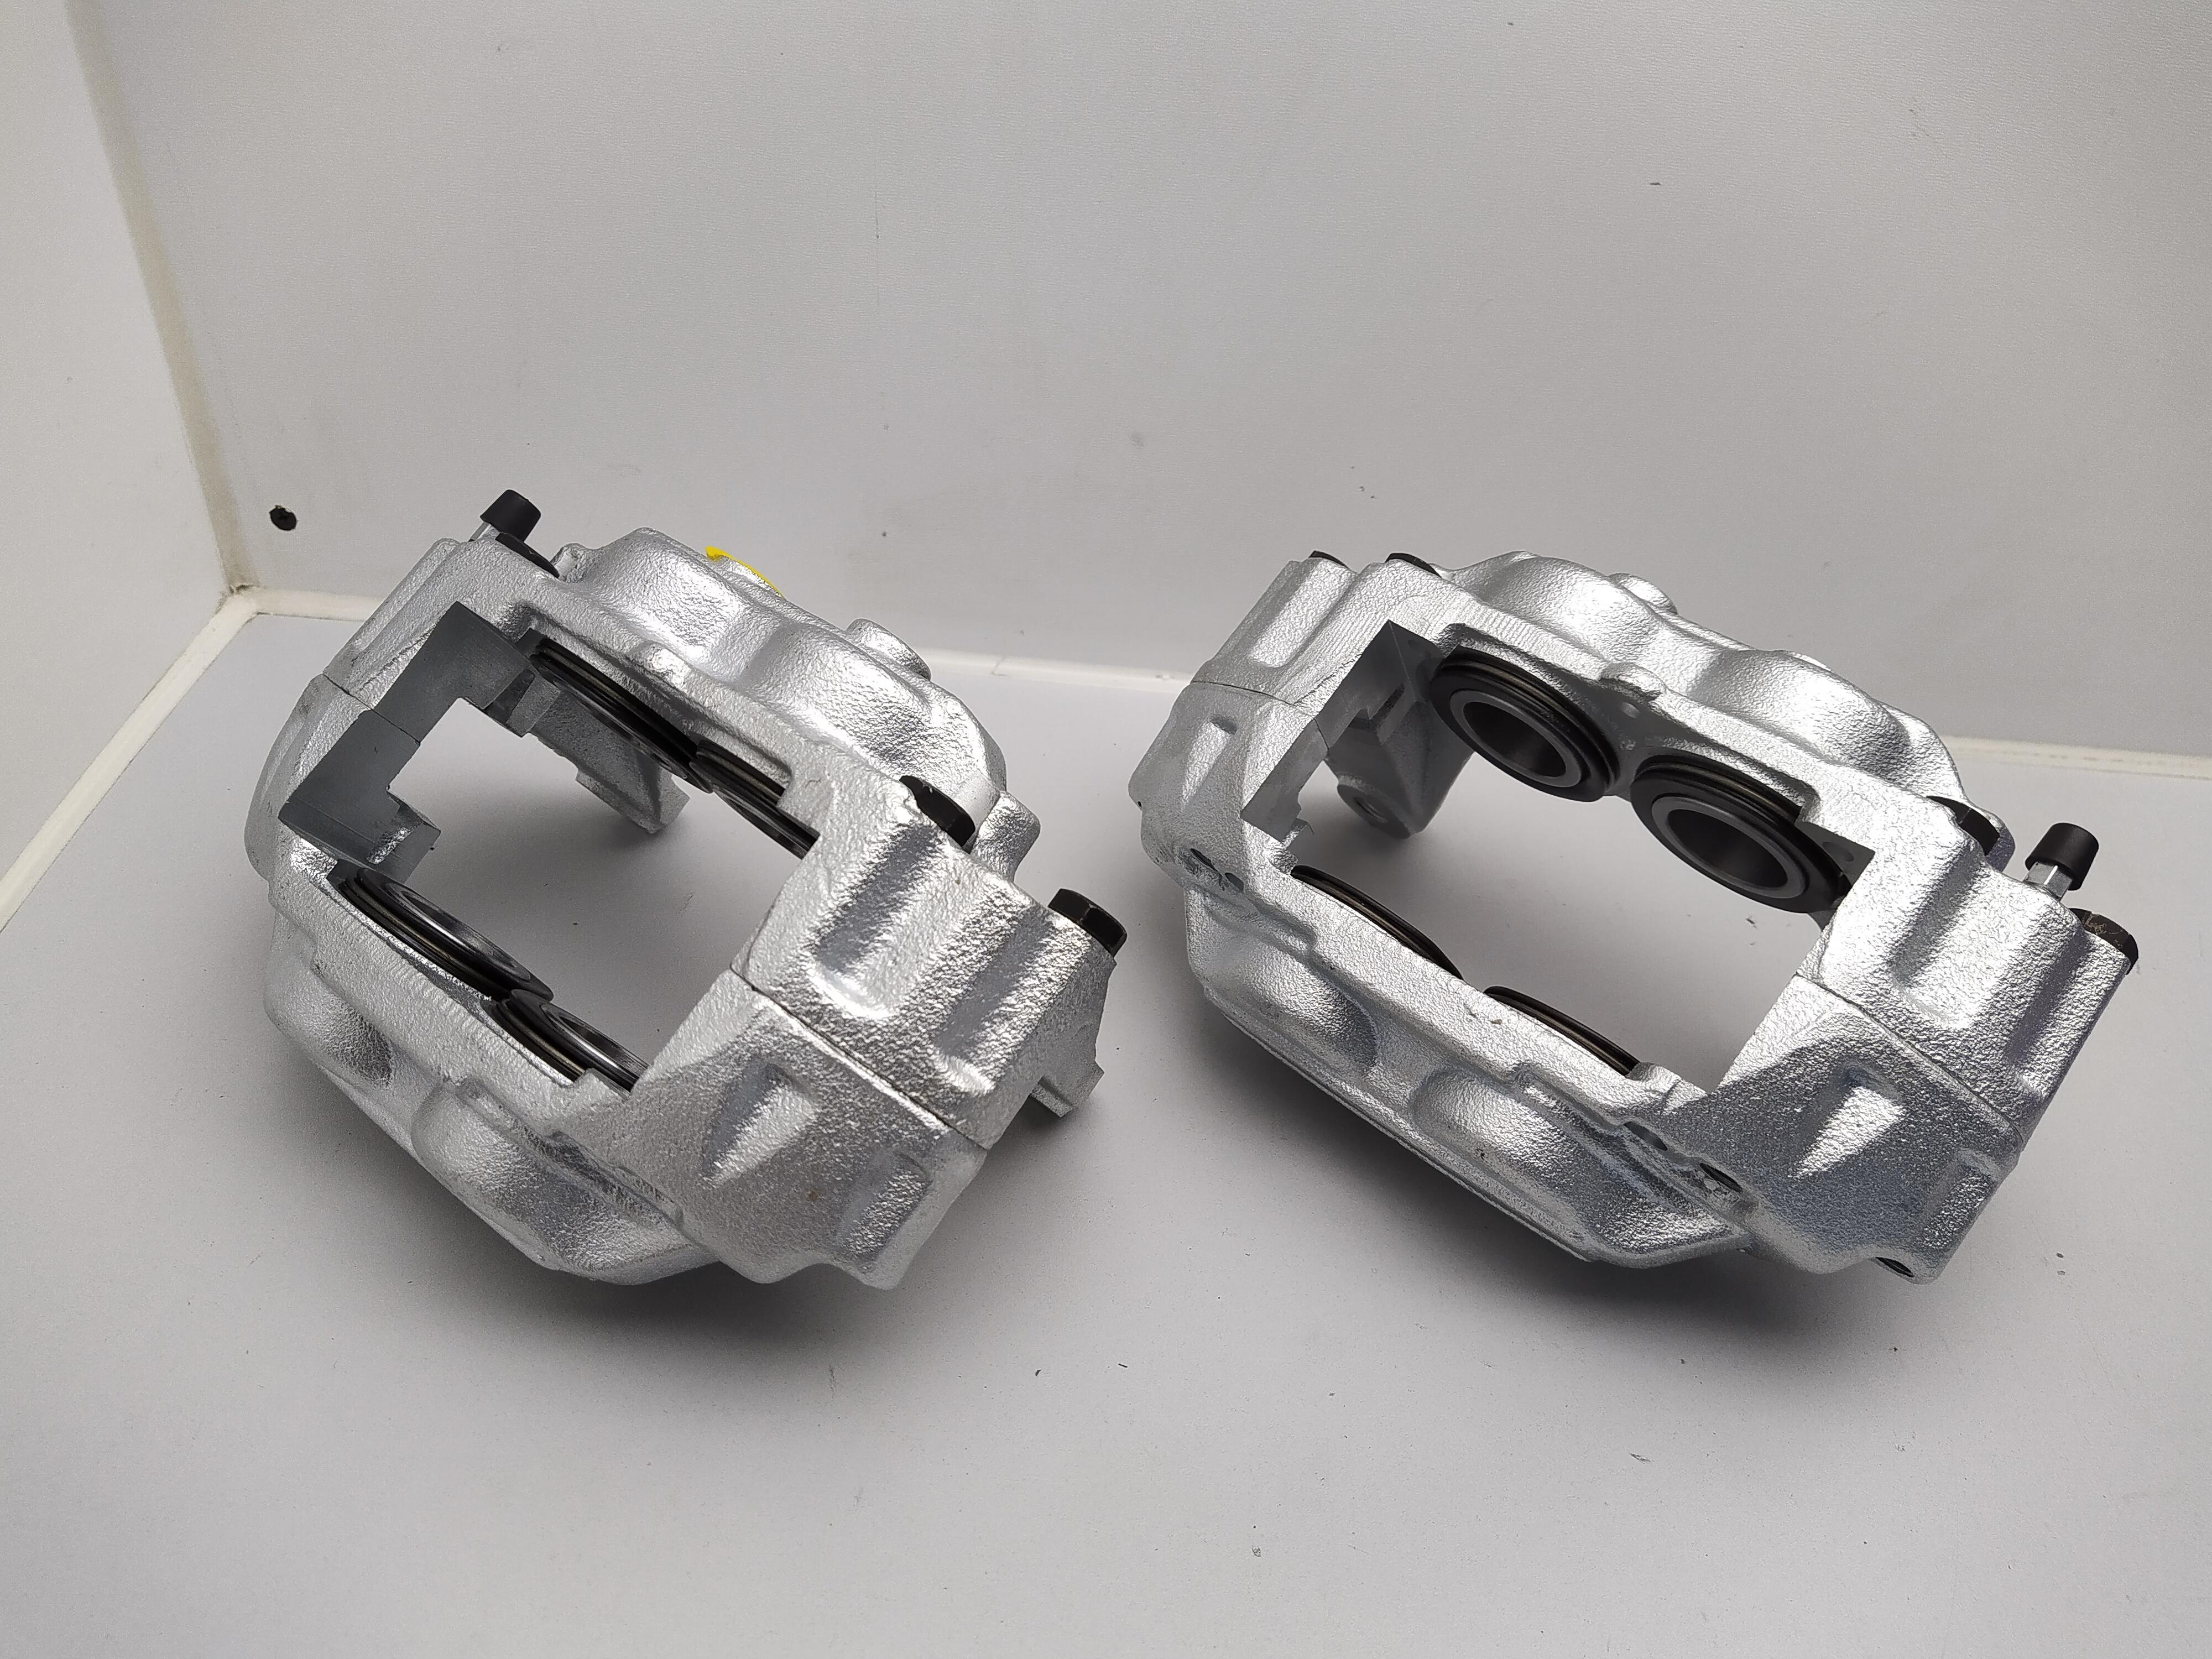 4 Kolben Festsattel Bremsanlage Subaru Impreza GT WRX STI ohne Pfand